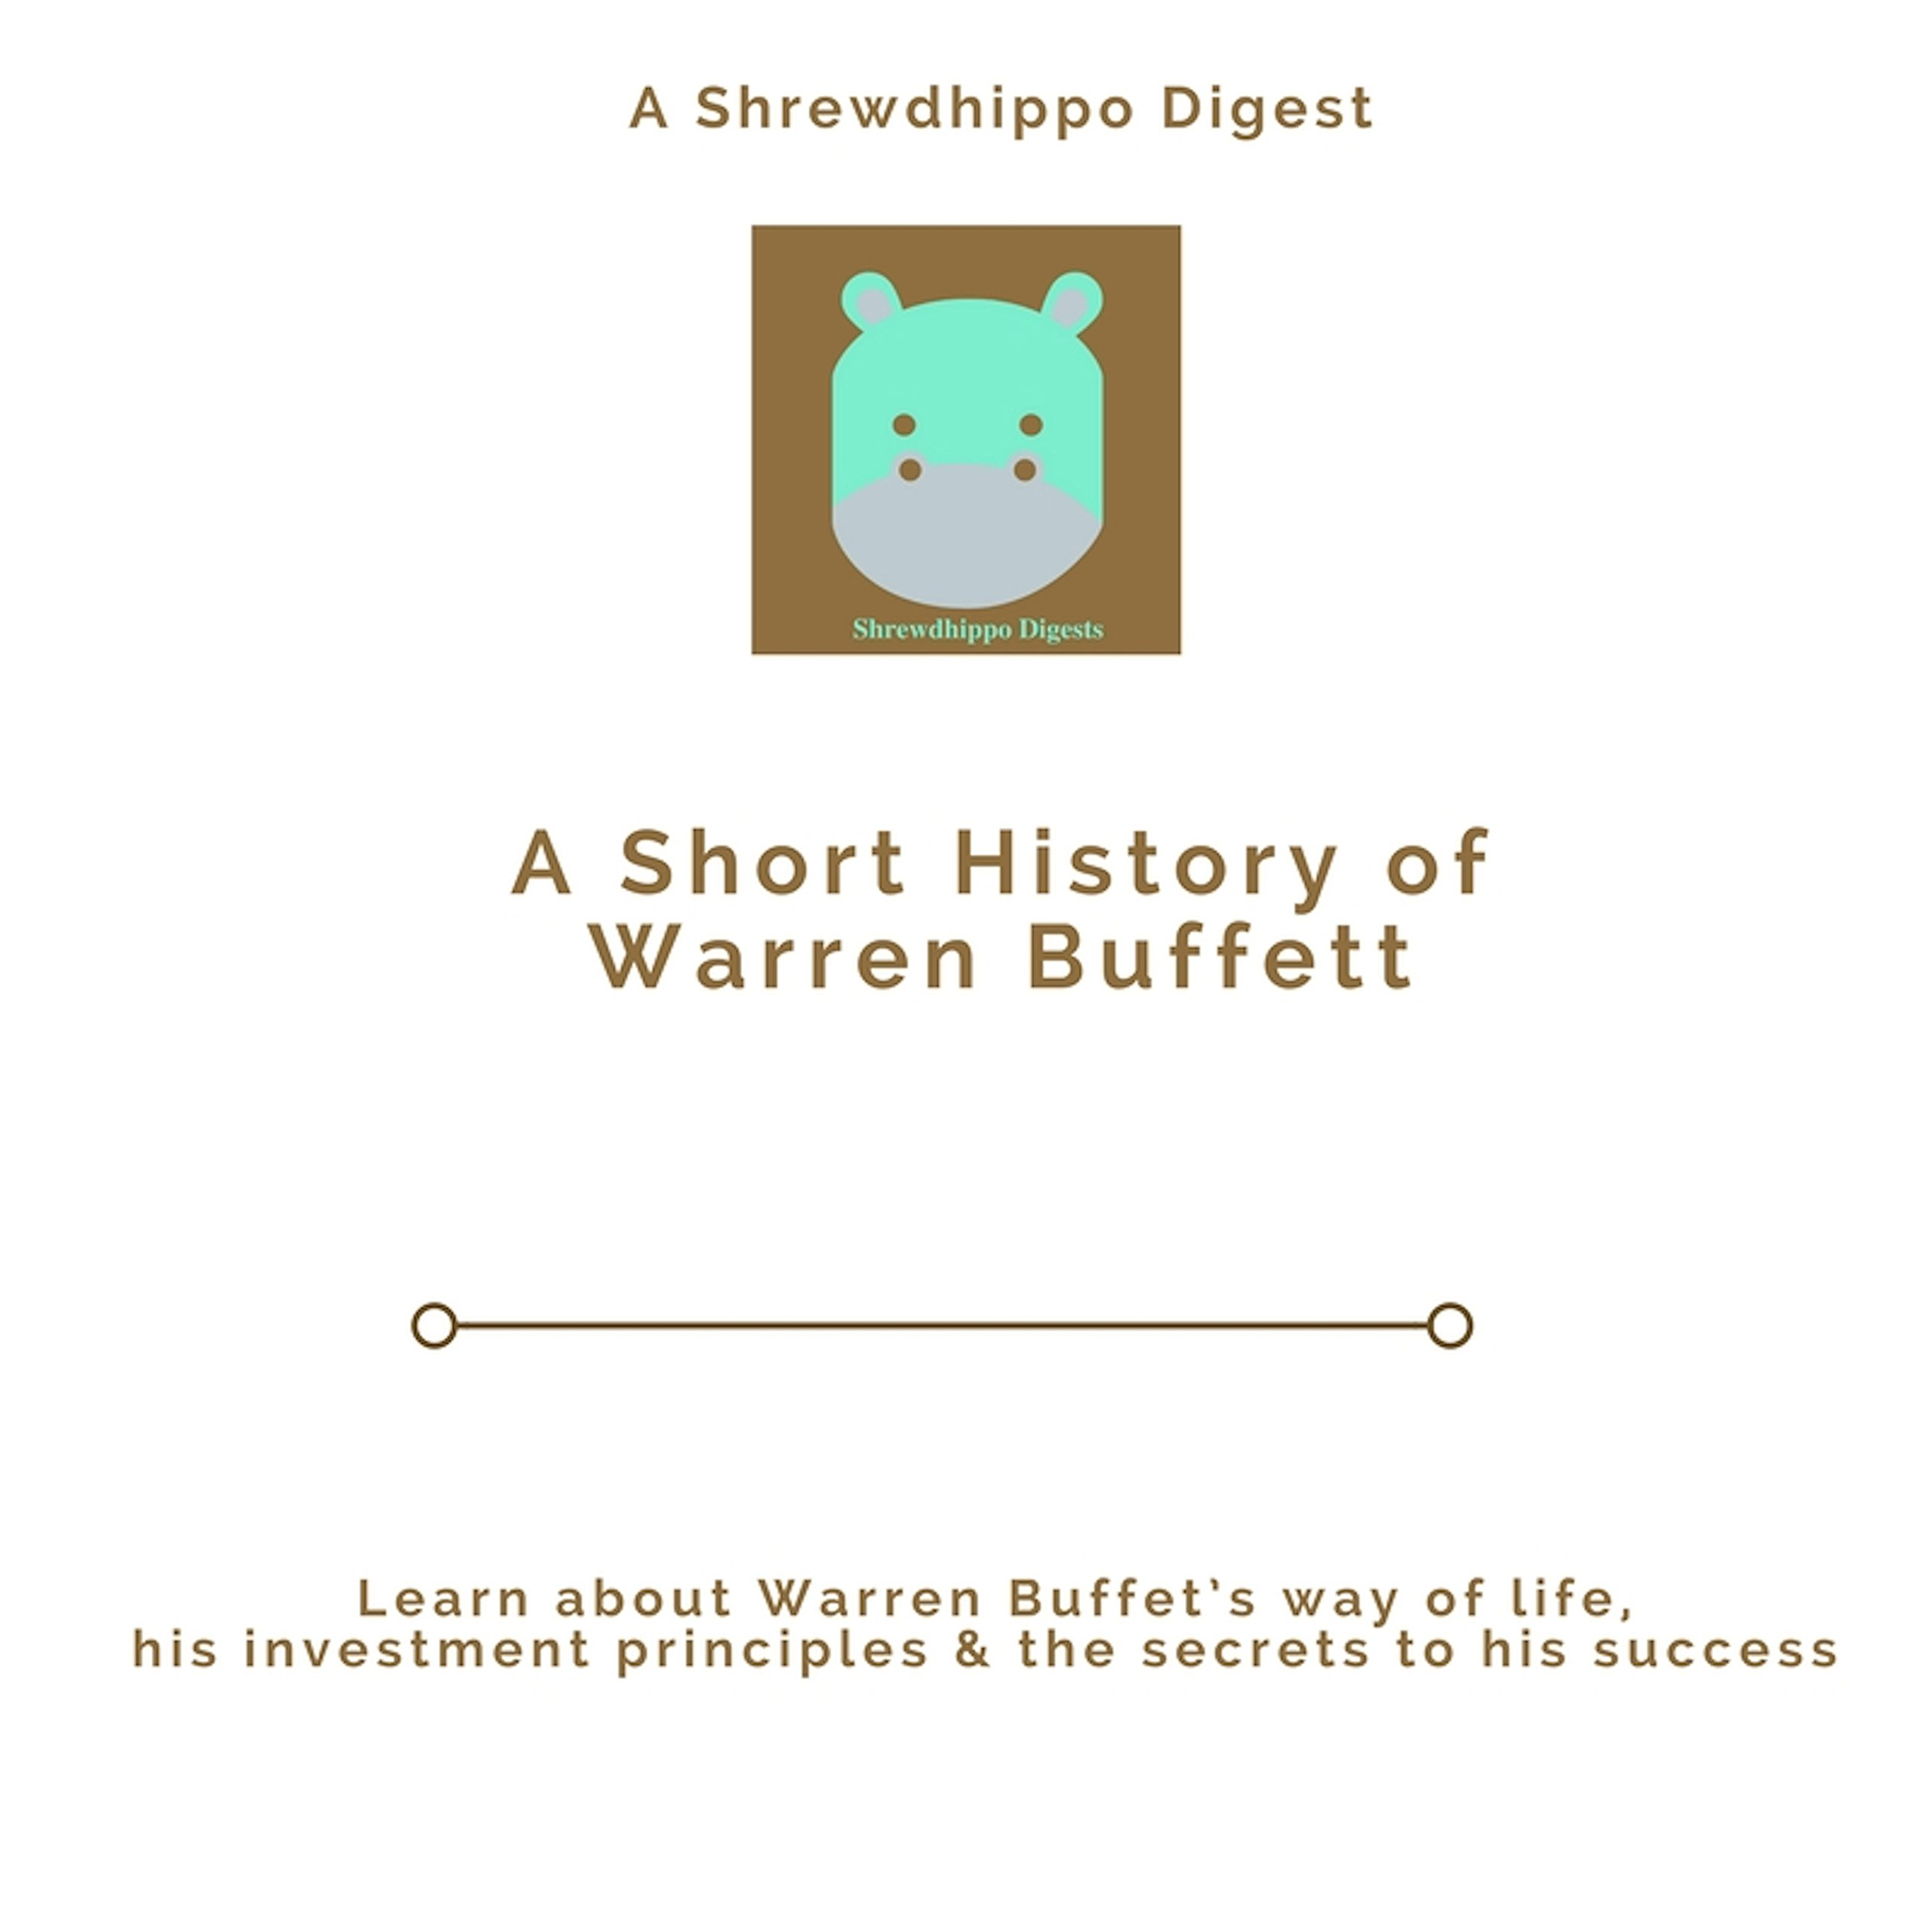 A Short History of Warren Buffett